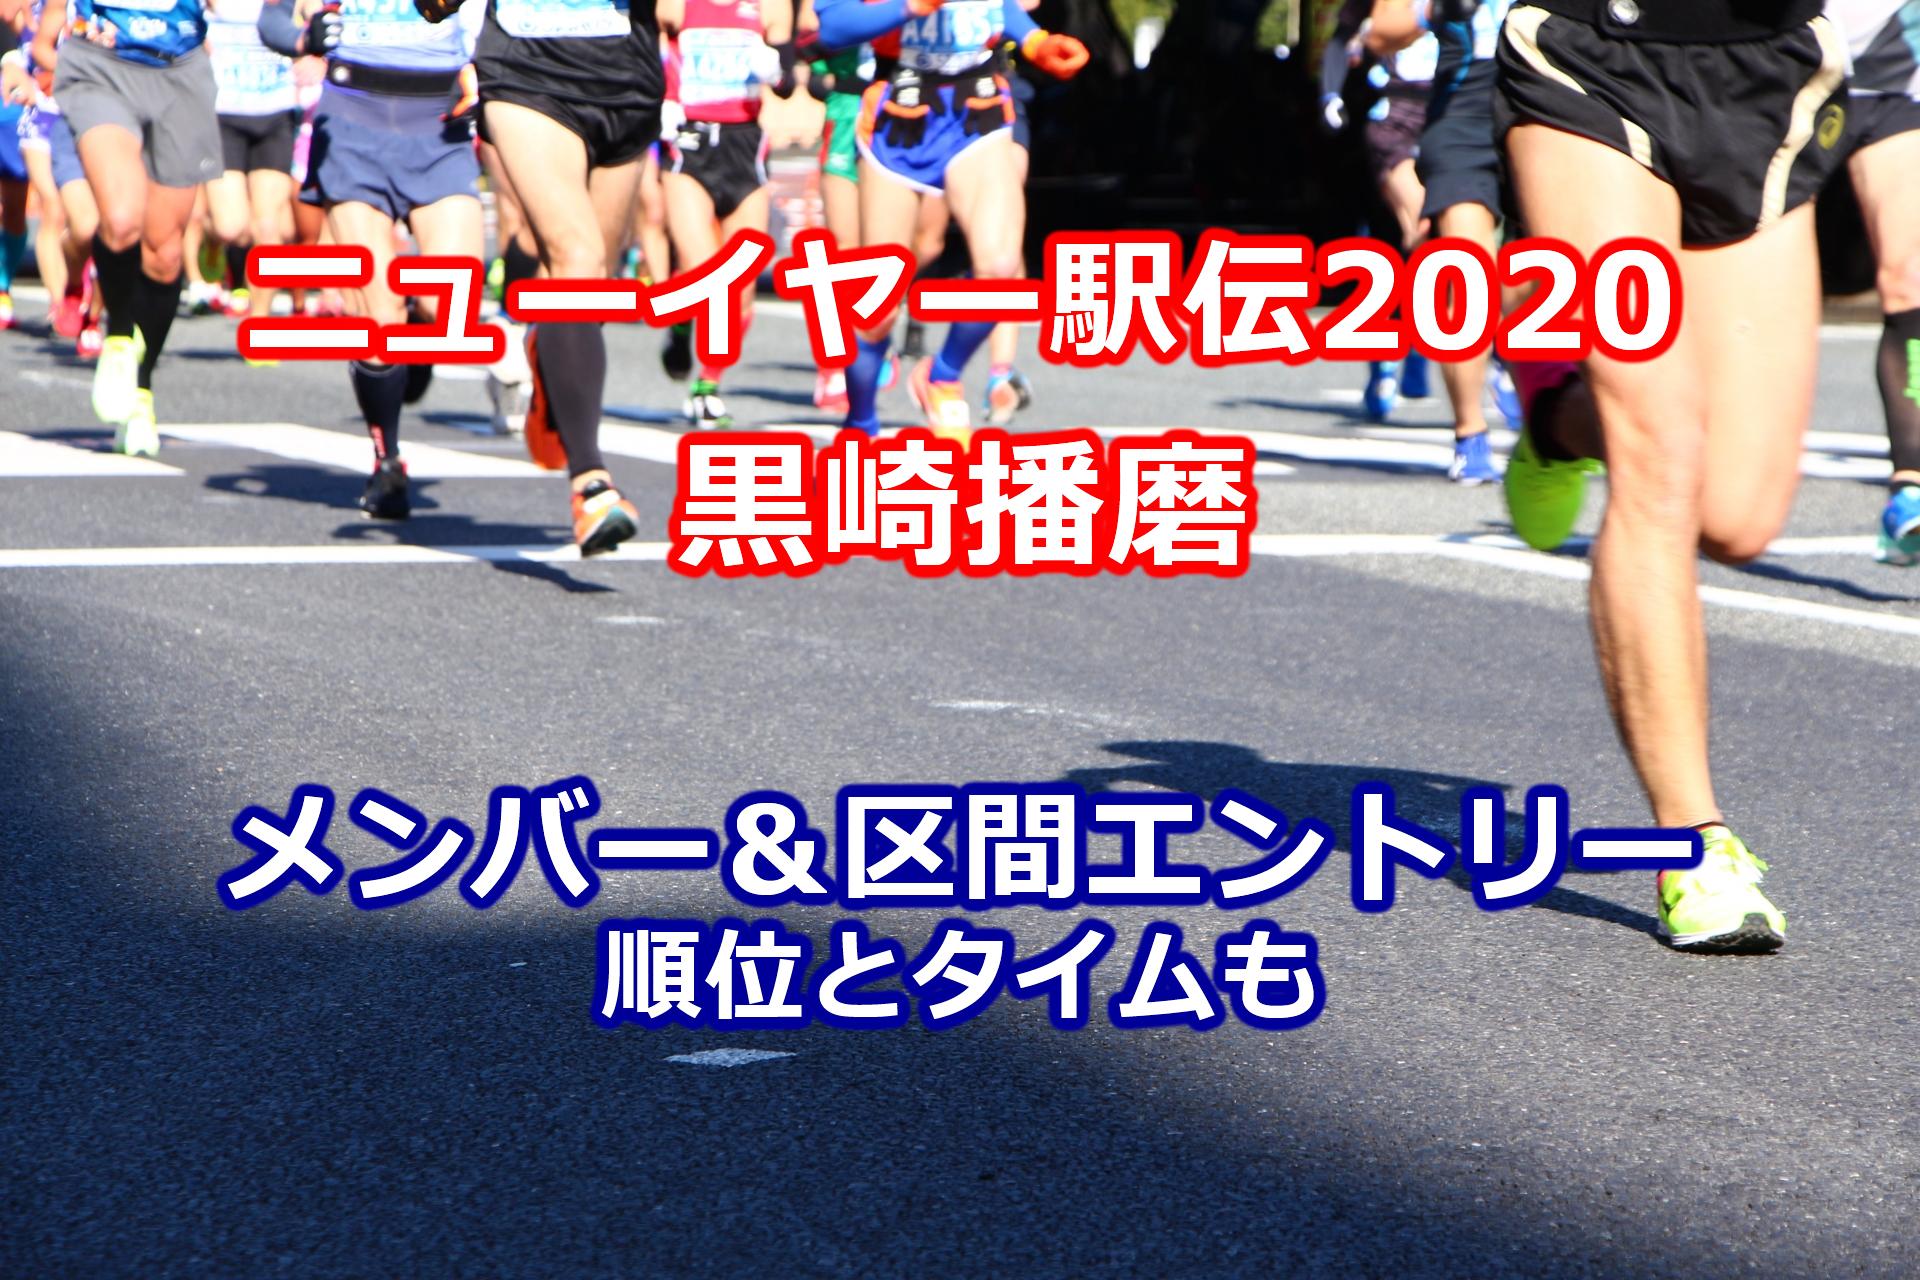 ニューイヤー駅伝2020黒崎播磨メンバー・区間エントリー・結果・順位・タイムまとめ